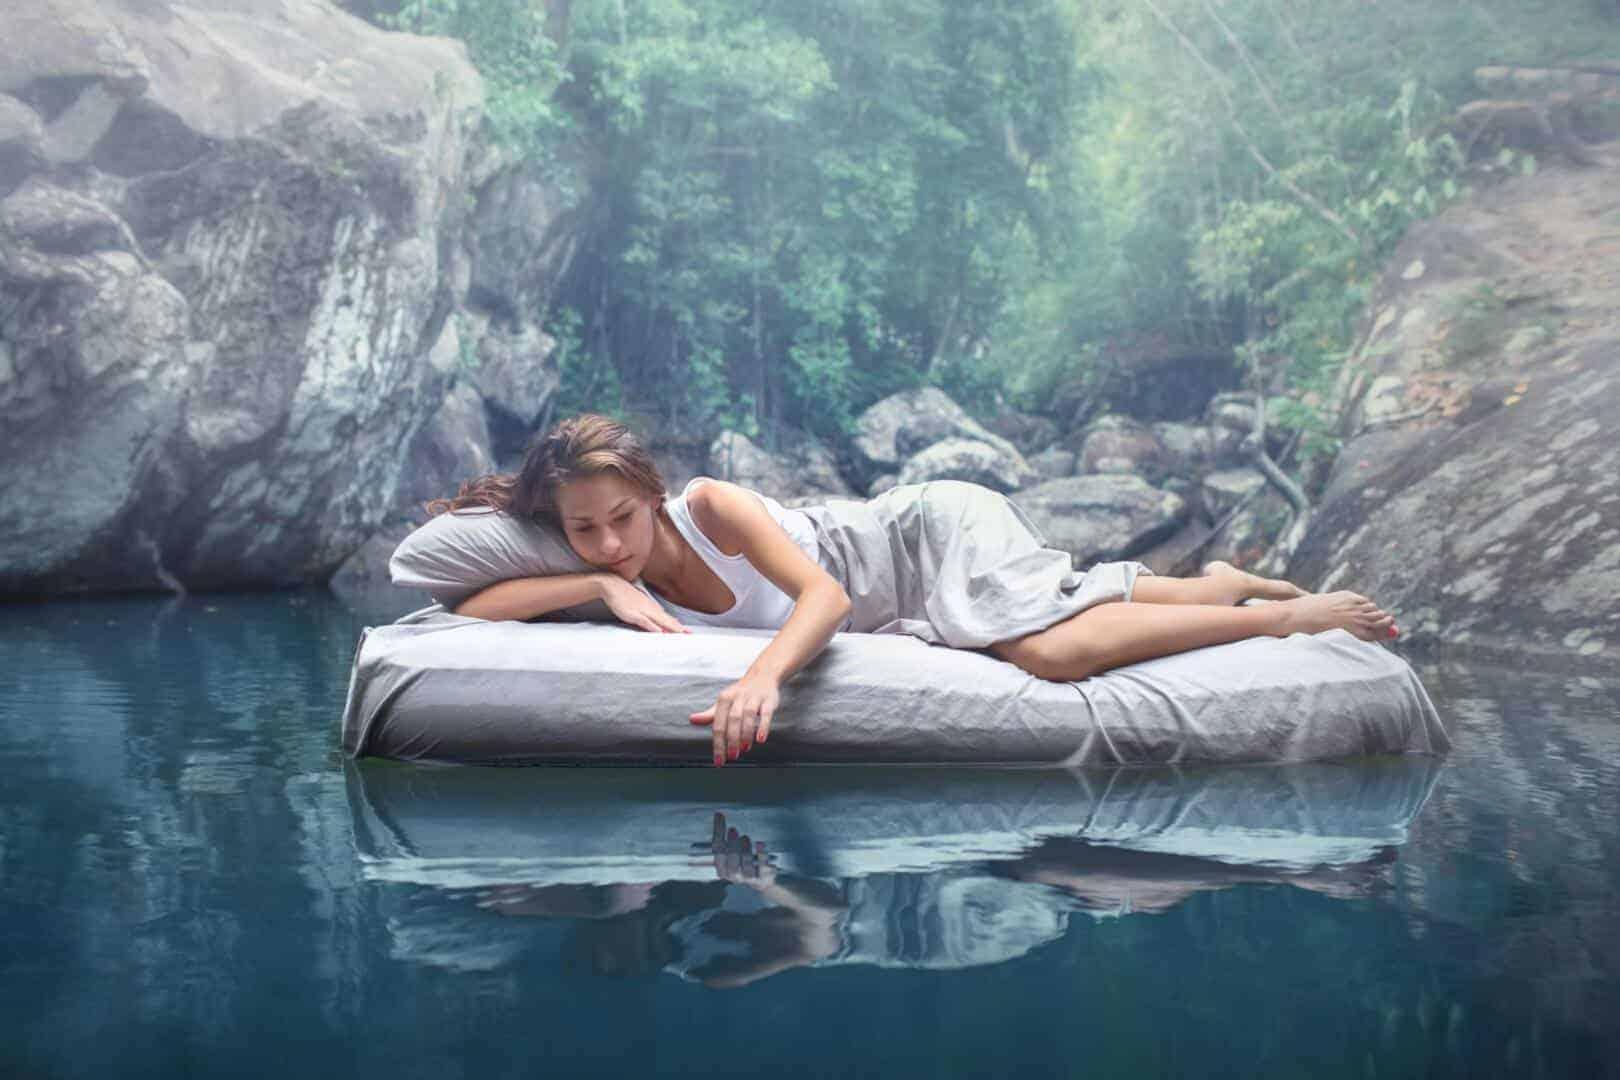 Frau auf einer Luftmatratze in einem kleinen Teich